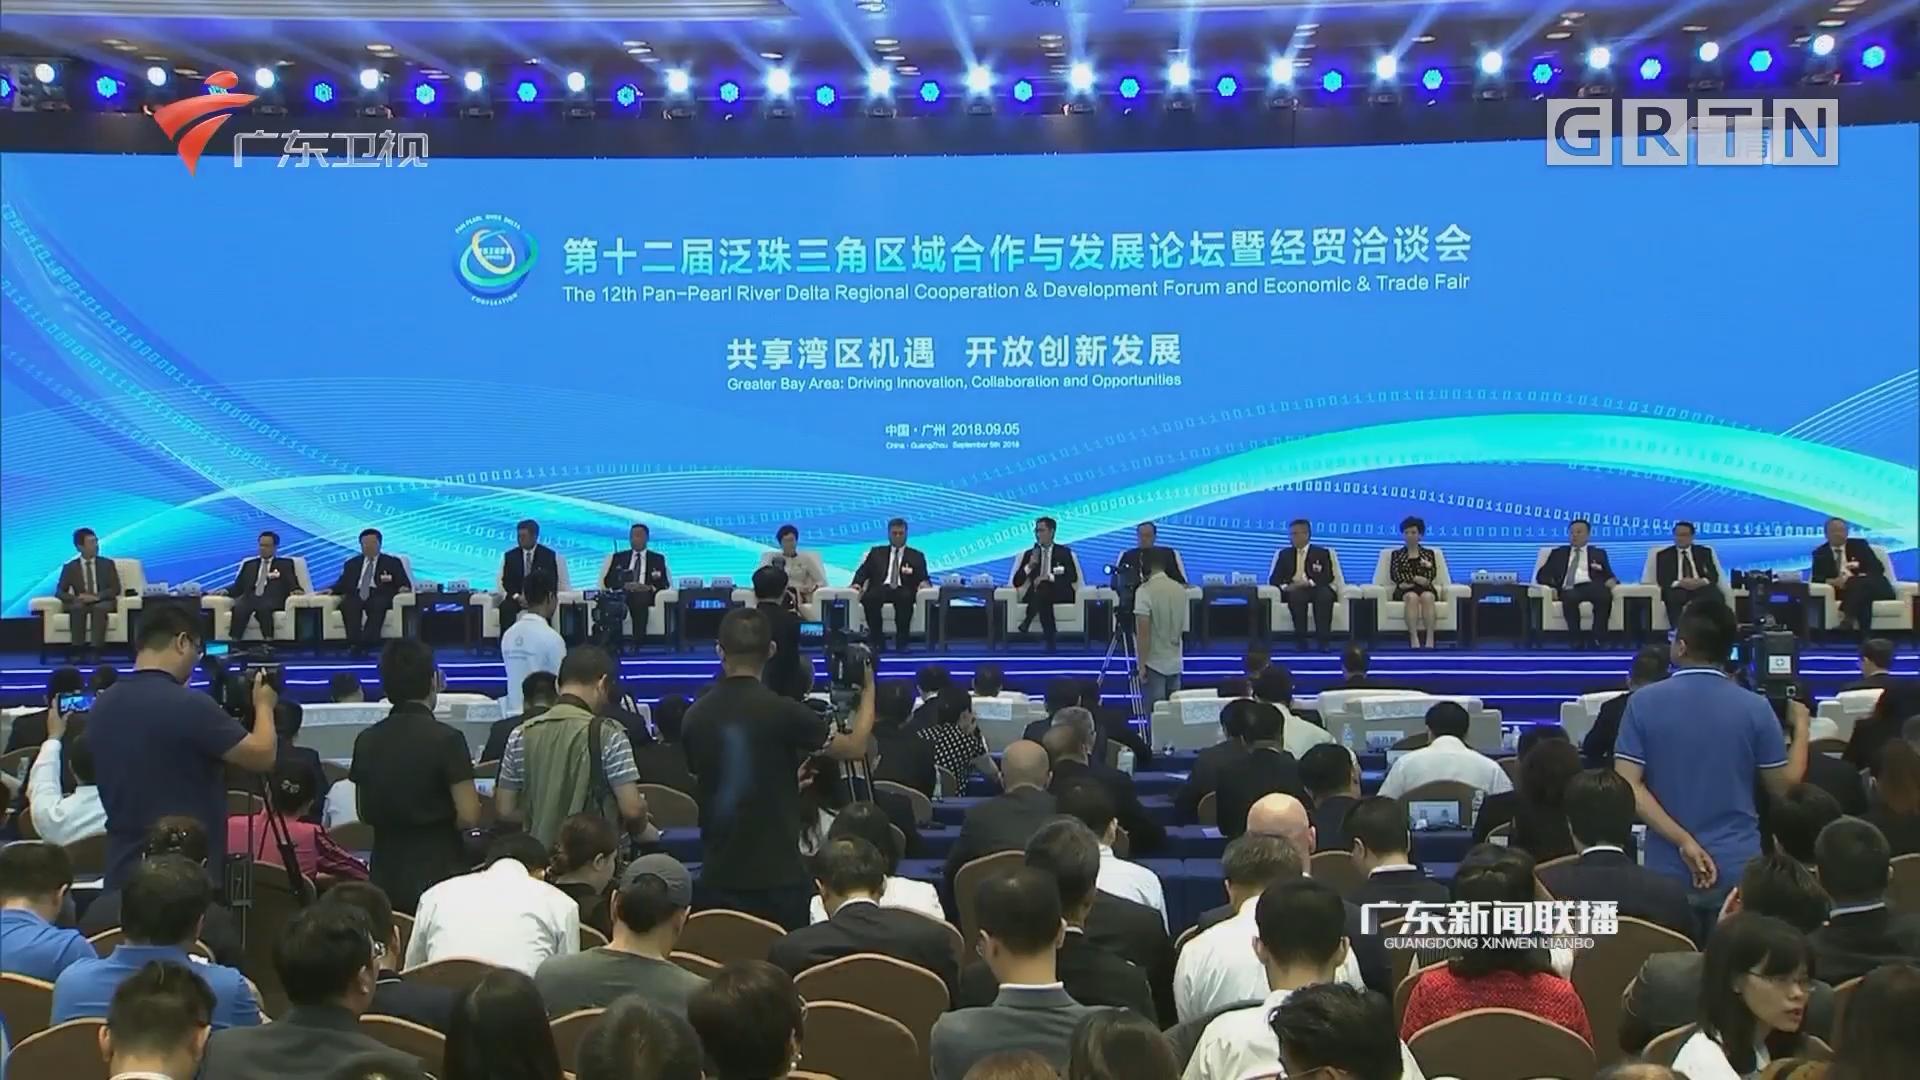 马兴瑞出席第十二届泛珠大会论坛对话活动